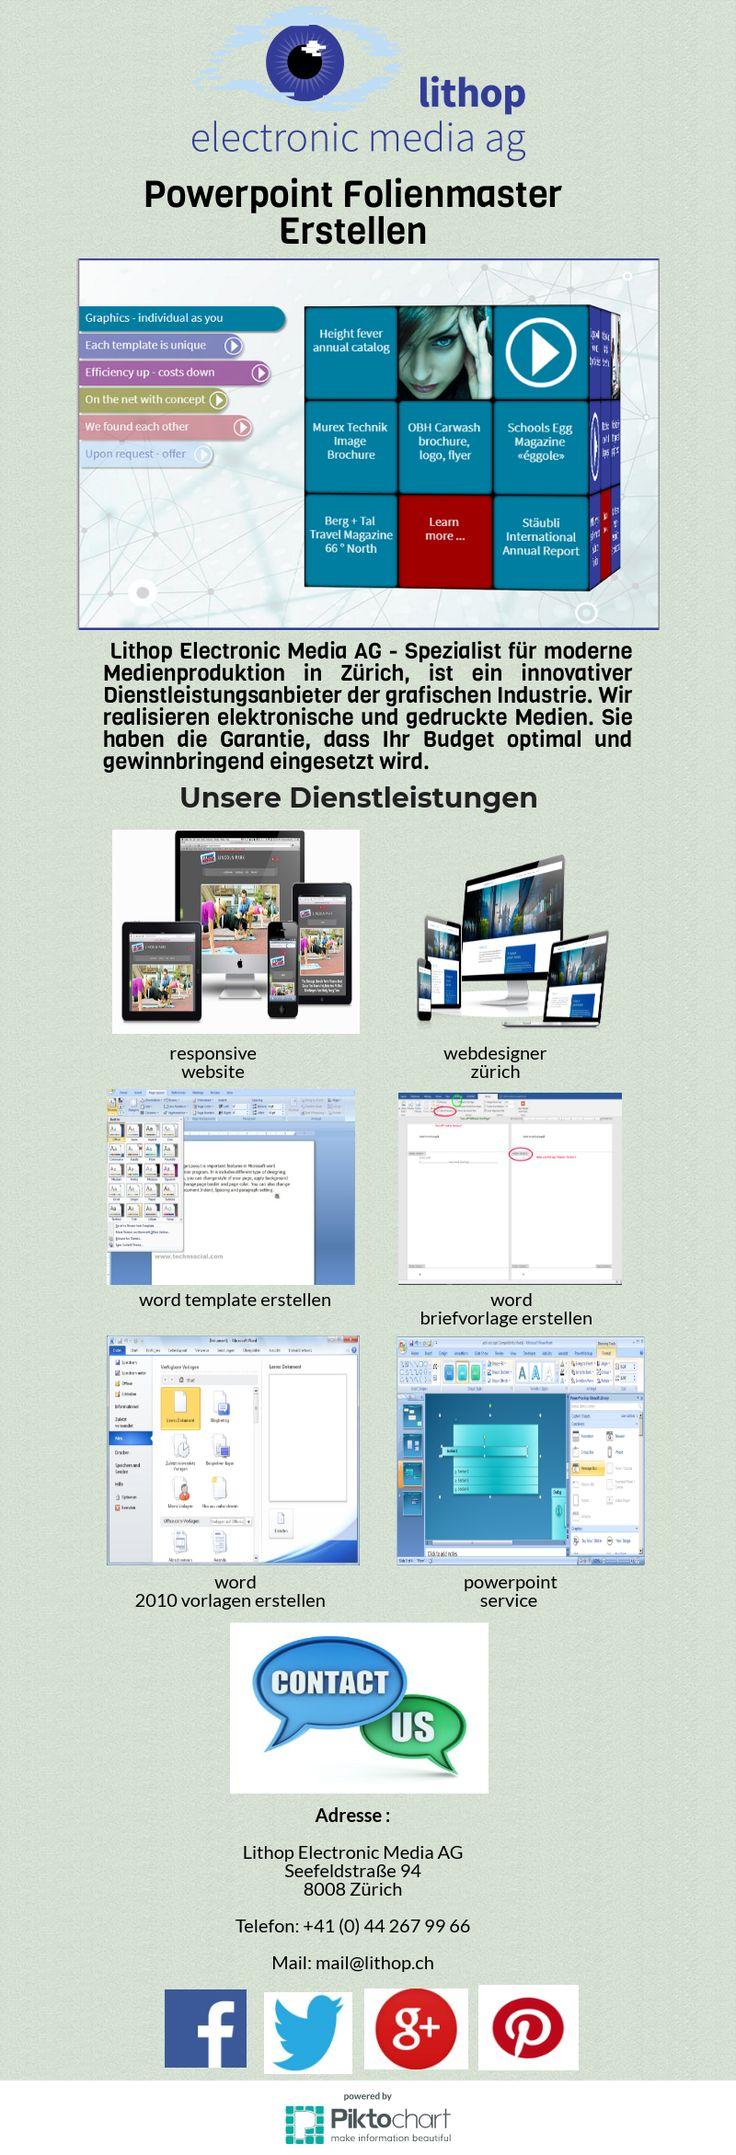 Die Lithop Electronic Media AG - Spezialist für moderne Medienproduktion in Zürich - ist ein innovativer Dienstleister der grafischen Industrie. Wir bieten Grafikdesign, Layout & Druckmedien, Konzept & Webdesign, Microsoft Office Vorlagen, Online Marketing, SEO und SEA, Redaktionssystem, Markenmanagement zu wettbewerbsfähigen Preisen. Für weitere Details mailen Sie uns mail@lithop.ch.